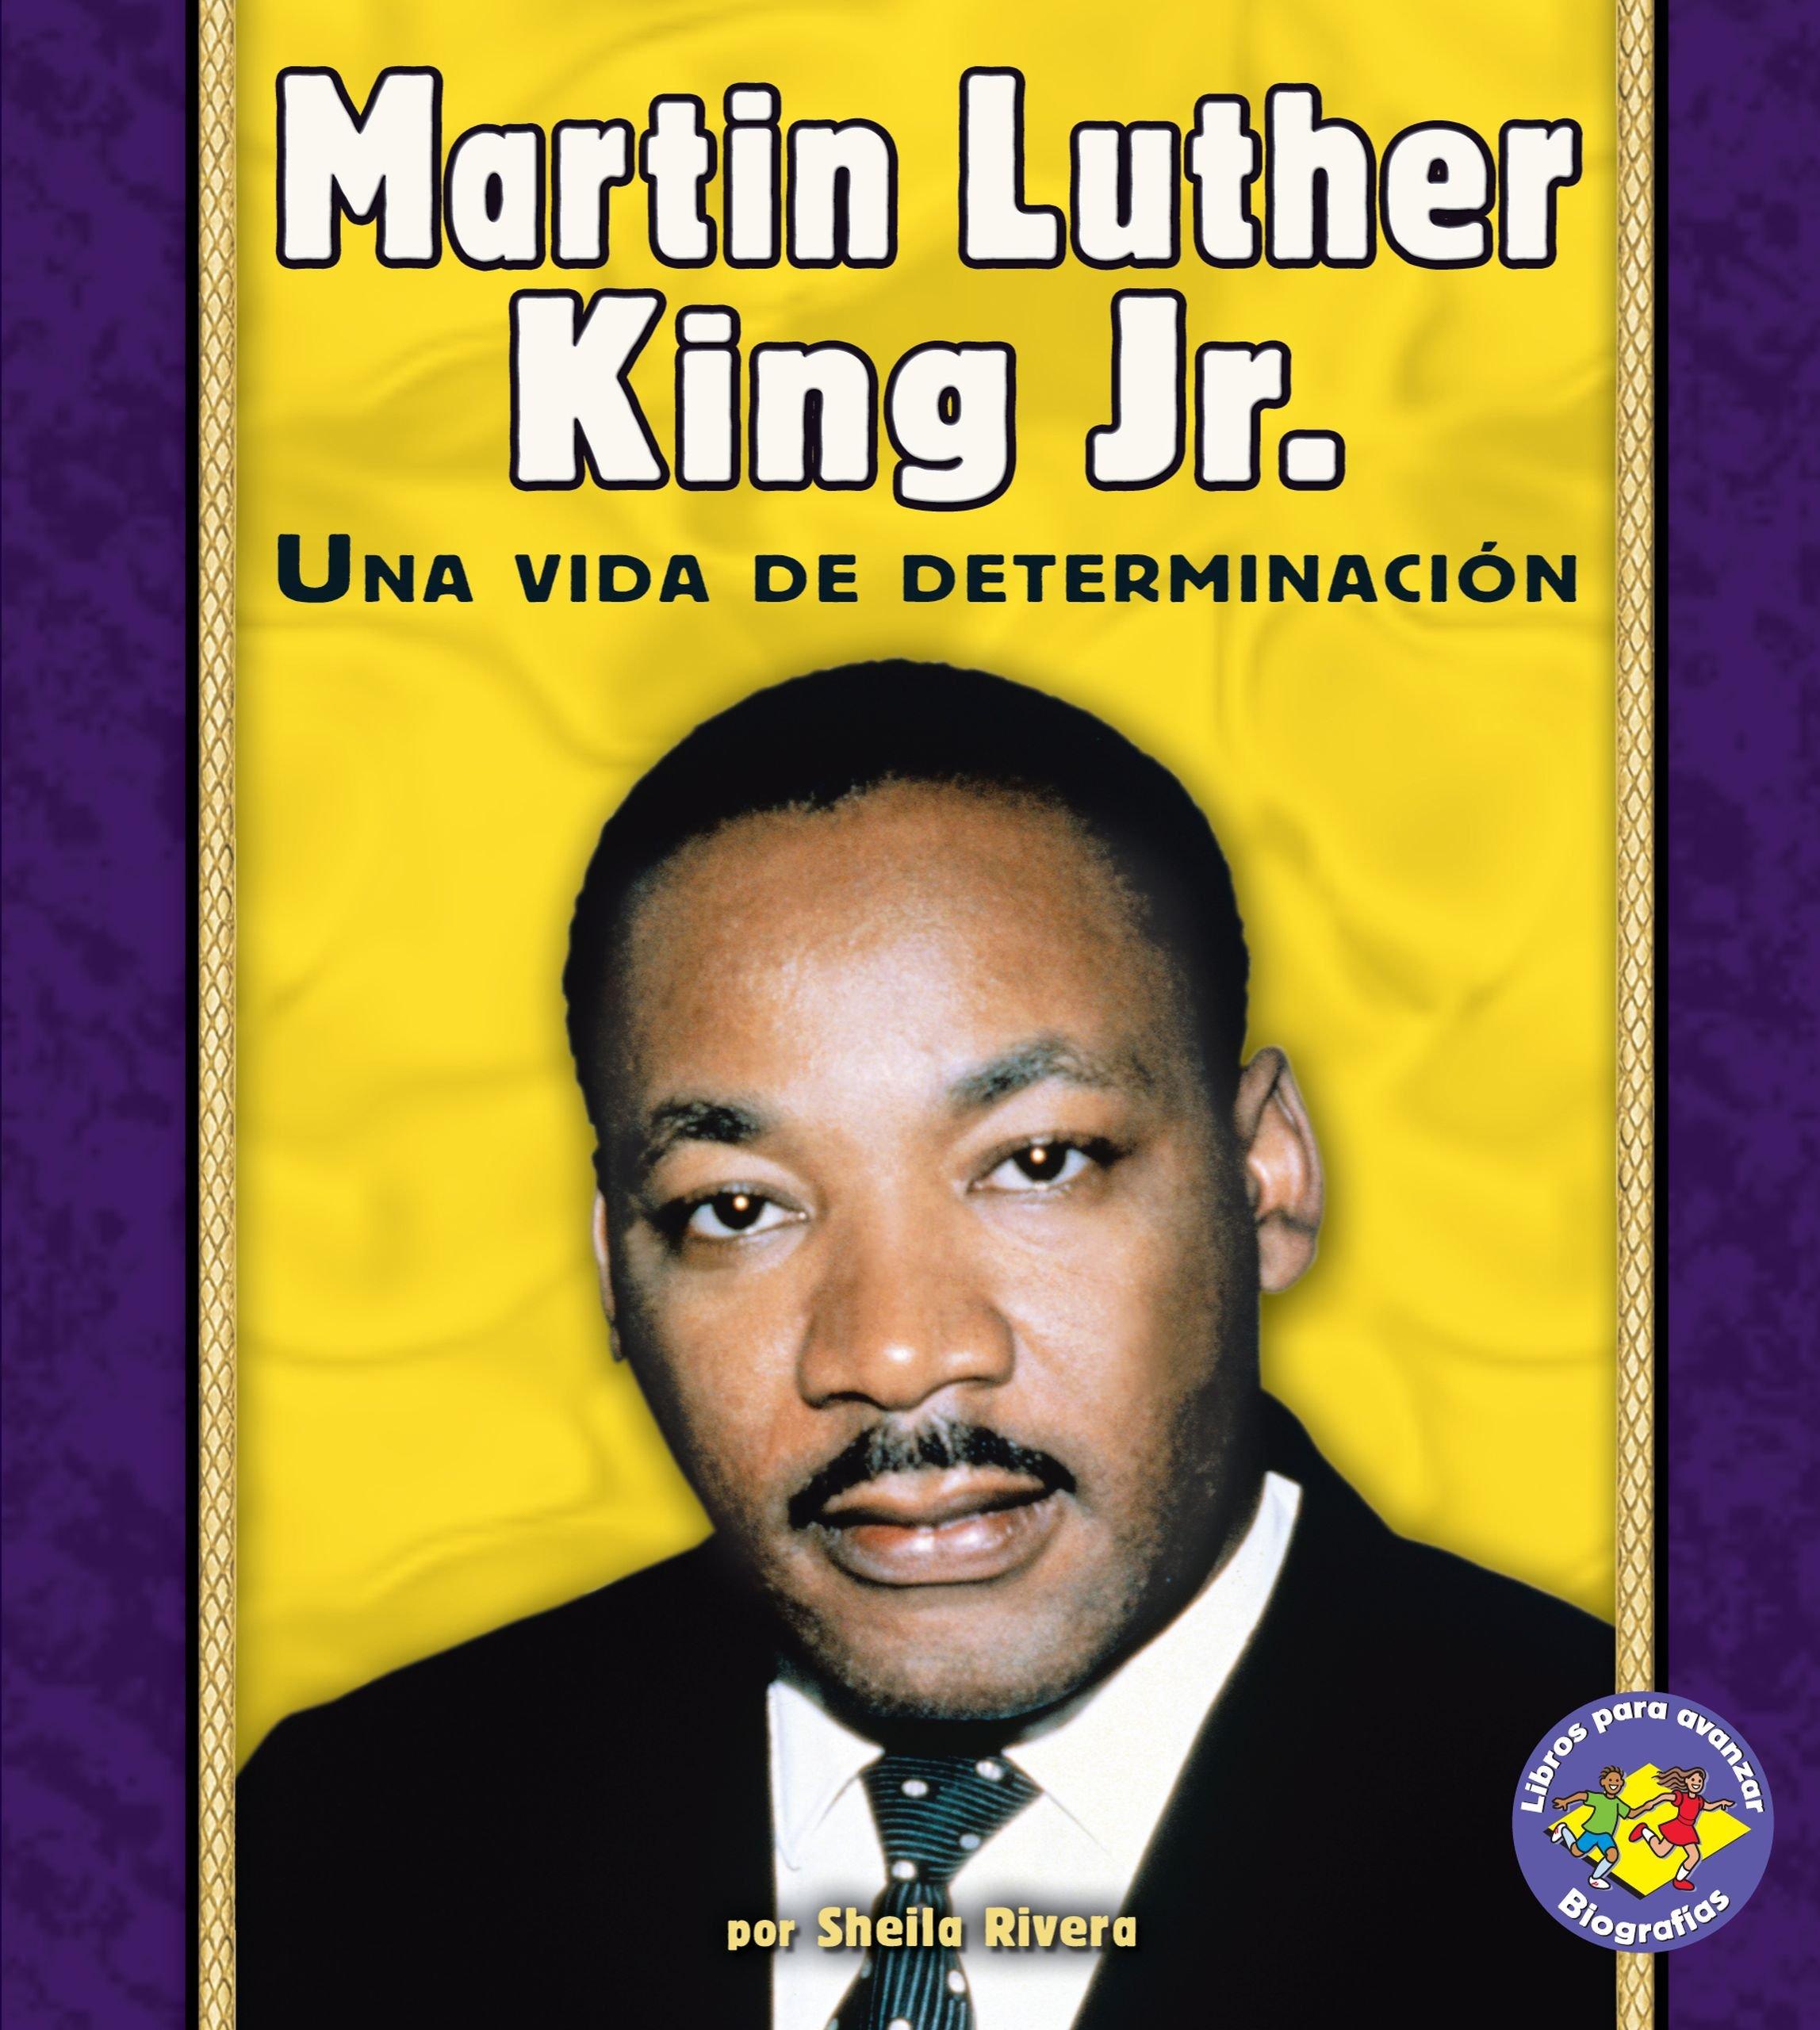 Martin Luther King Jr.: Una Vida de Determinación (Libros Para Avanzar - Biografias/pull Ahead Books - Biographies) (Spanish Edition) by Ediciones Lerner (Image #1)